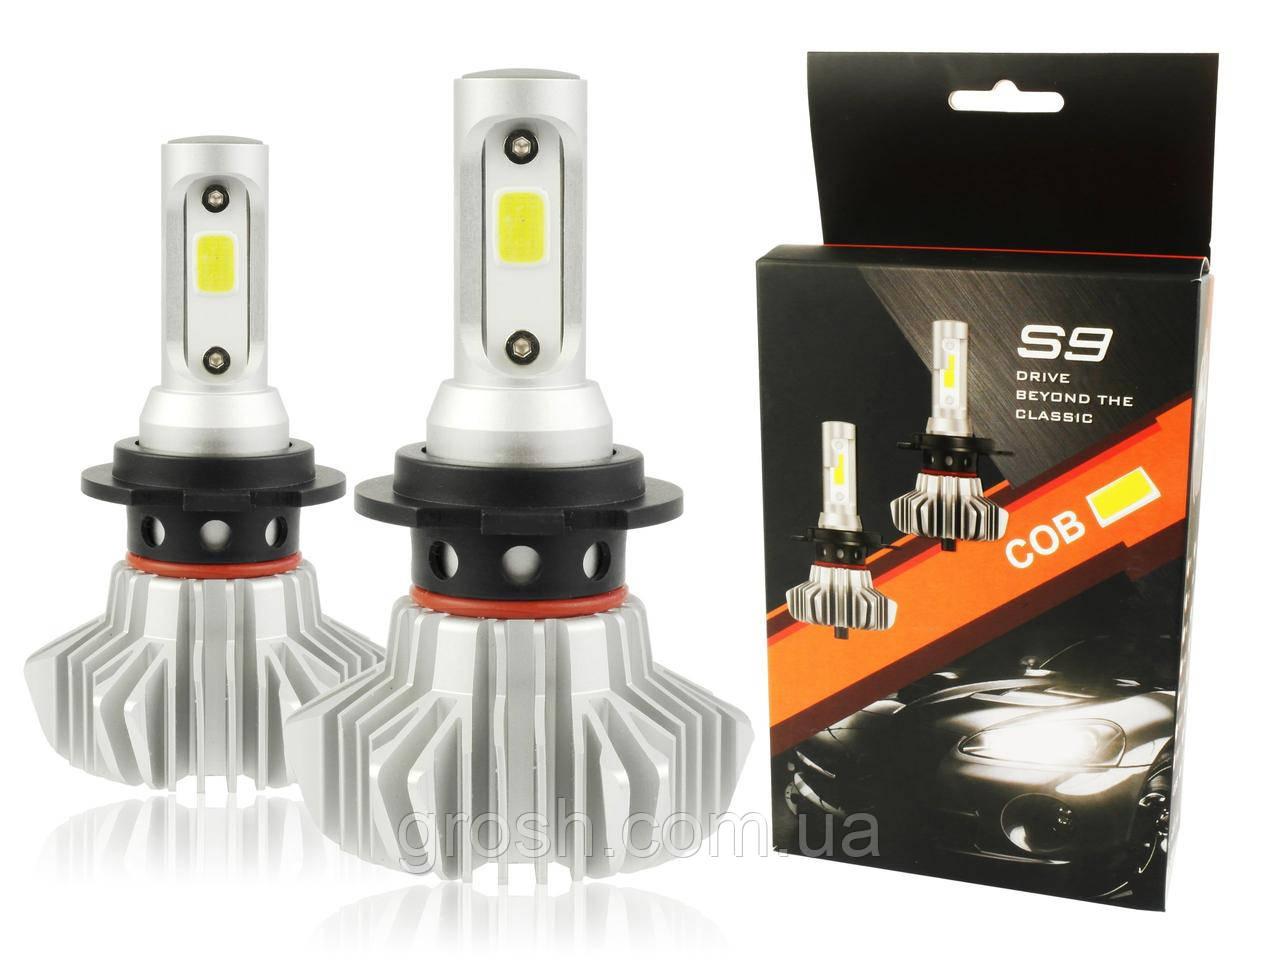 Светодиодные автомобильные лампы S9 H7